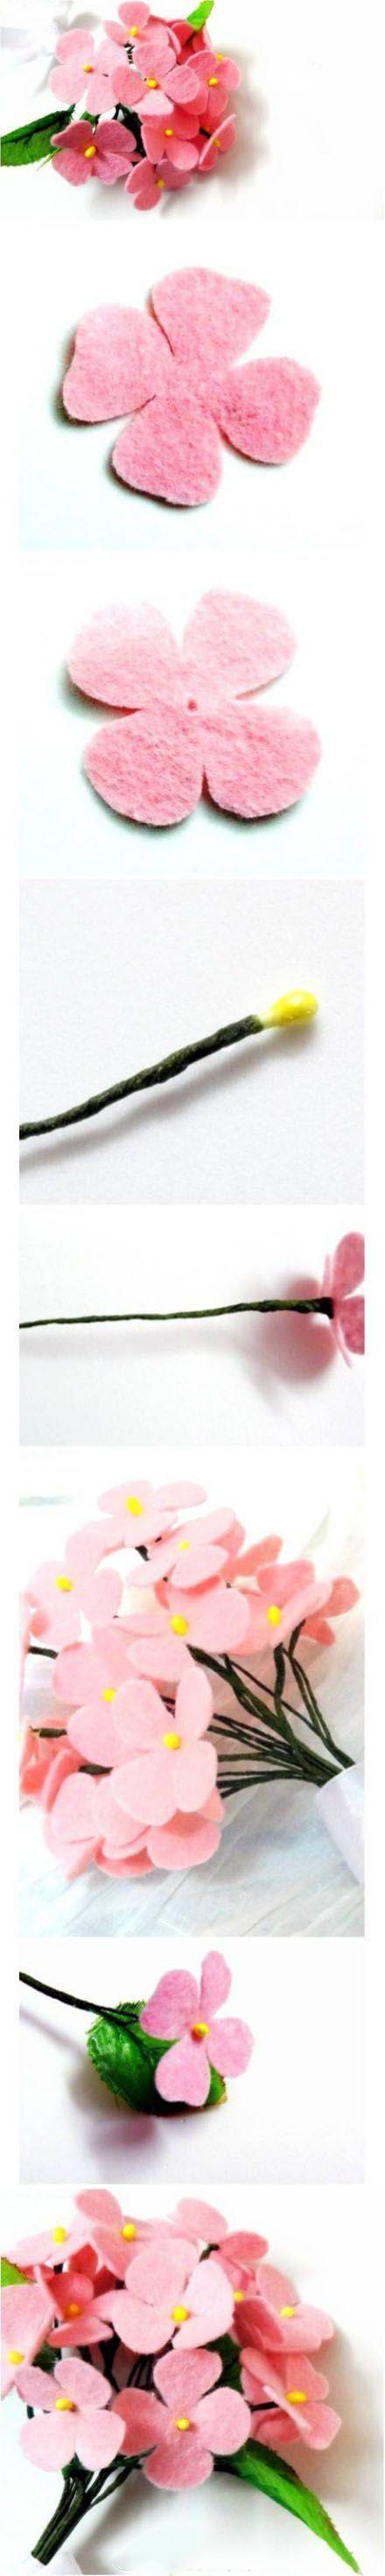 Выкройки цветы из фетра своими руками с пошаговым фото